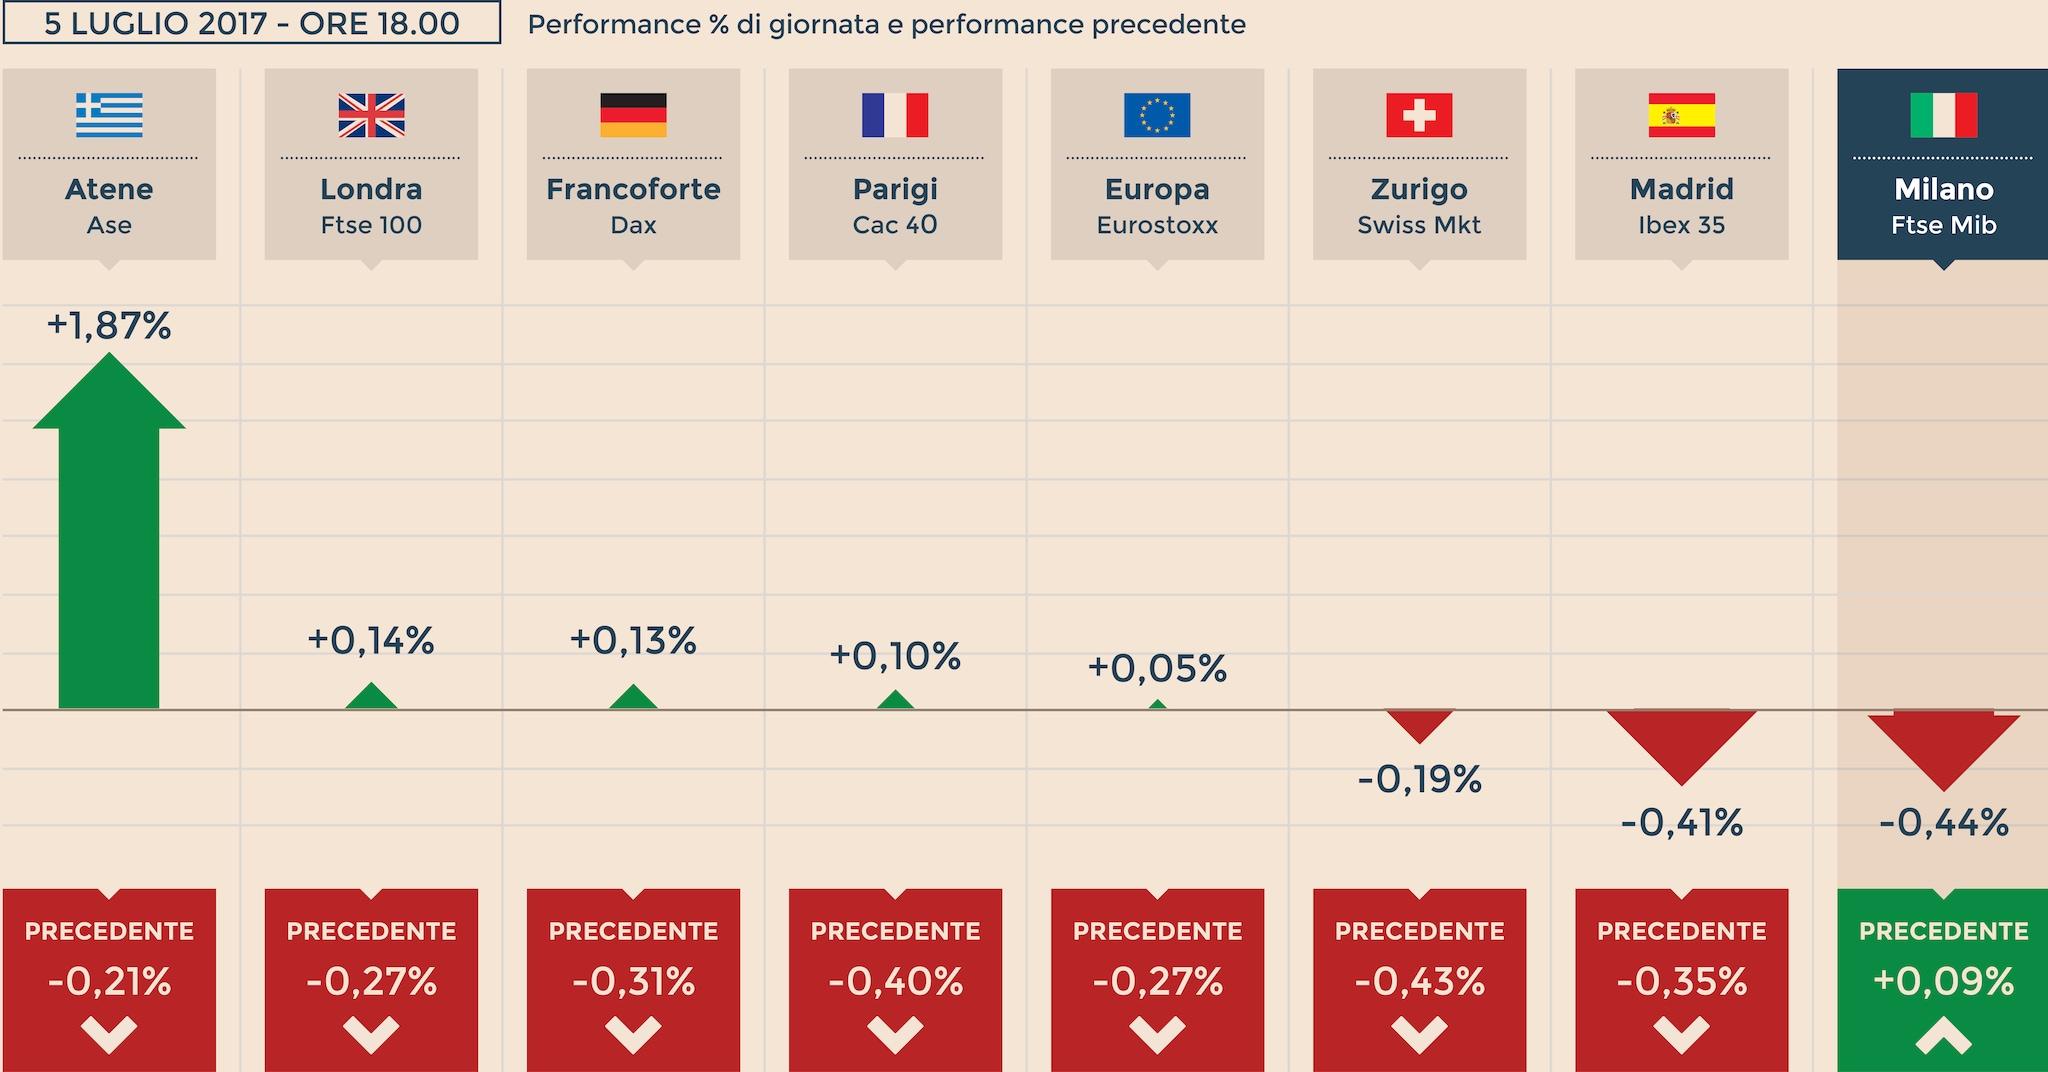 Europa chiude contrastata milano indebolita 0 44 for Istituto grafico pubblicitario milano